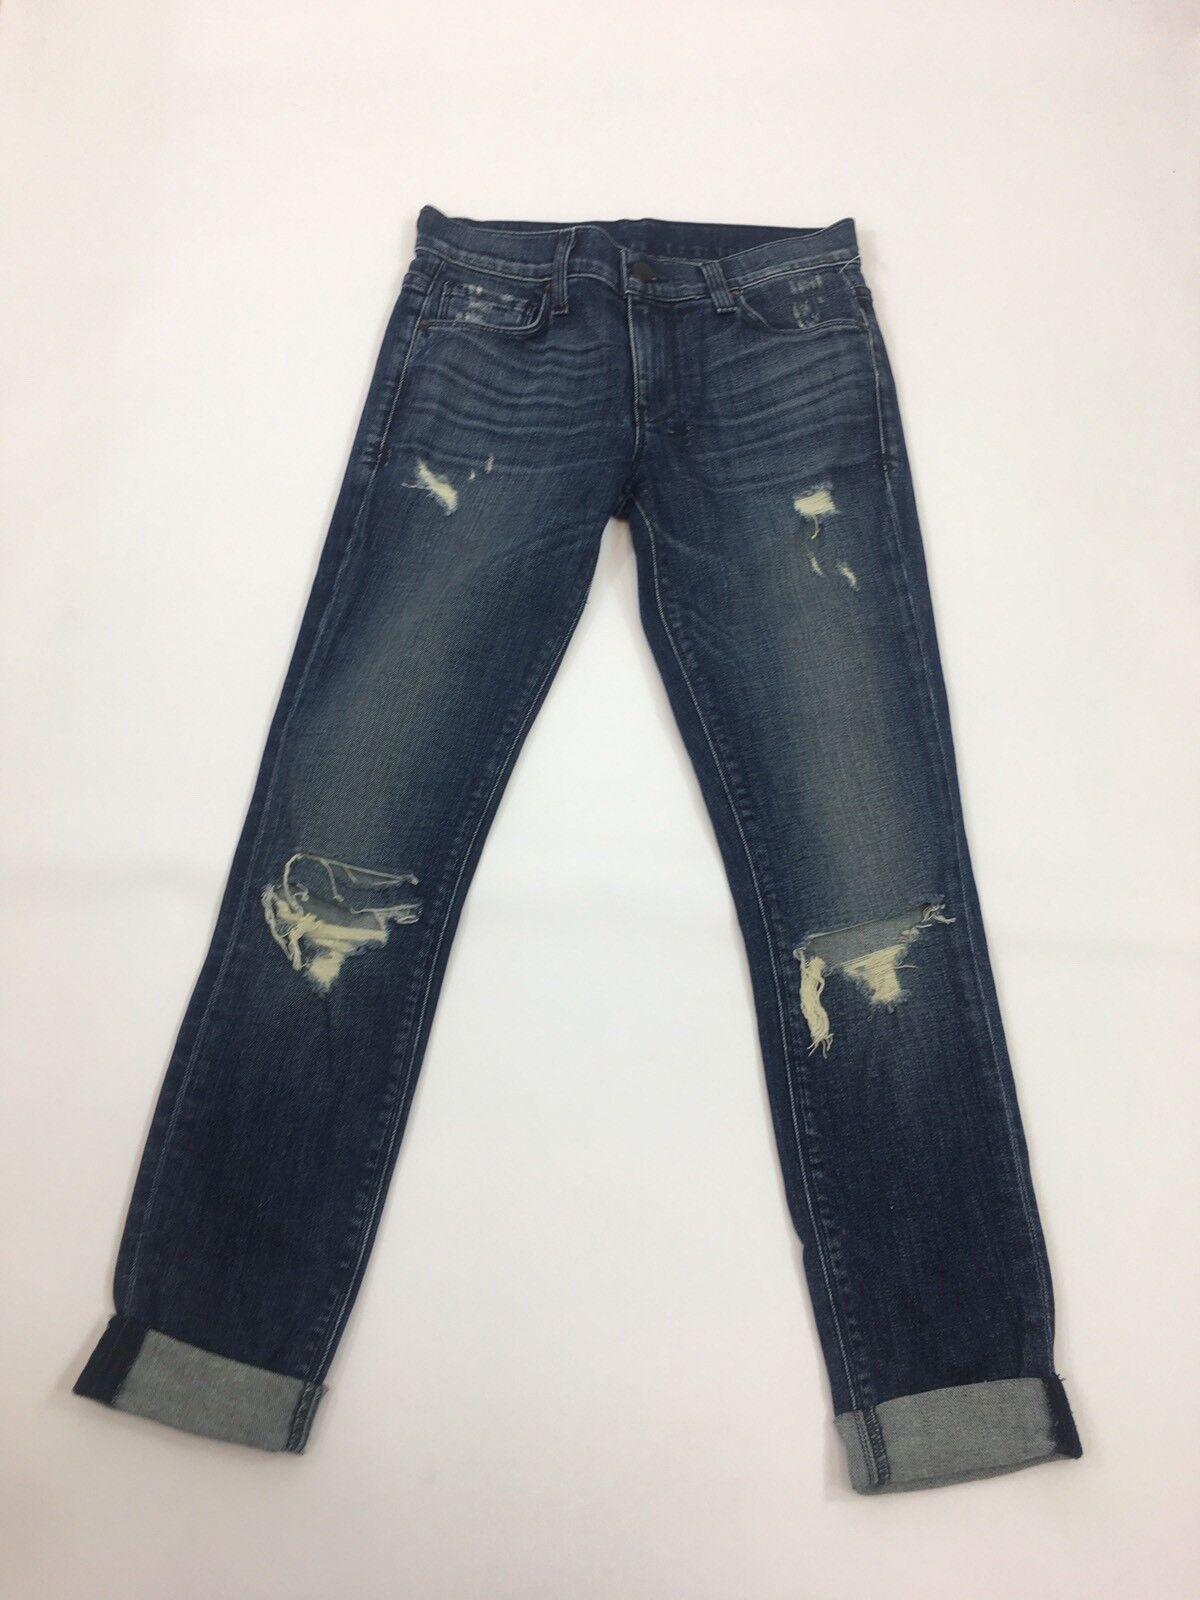 Ksubi Women's Denim Distressed Skinny Jeans Sz24